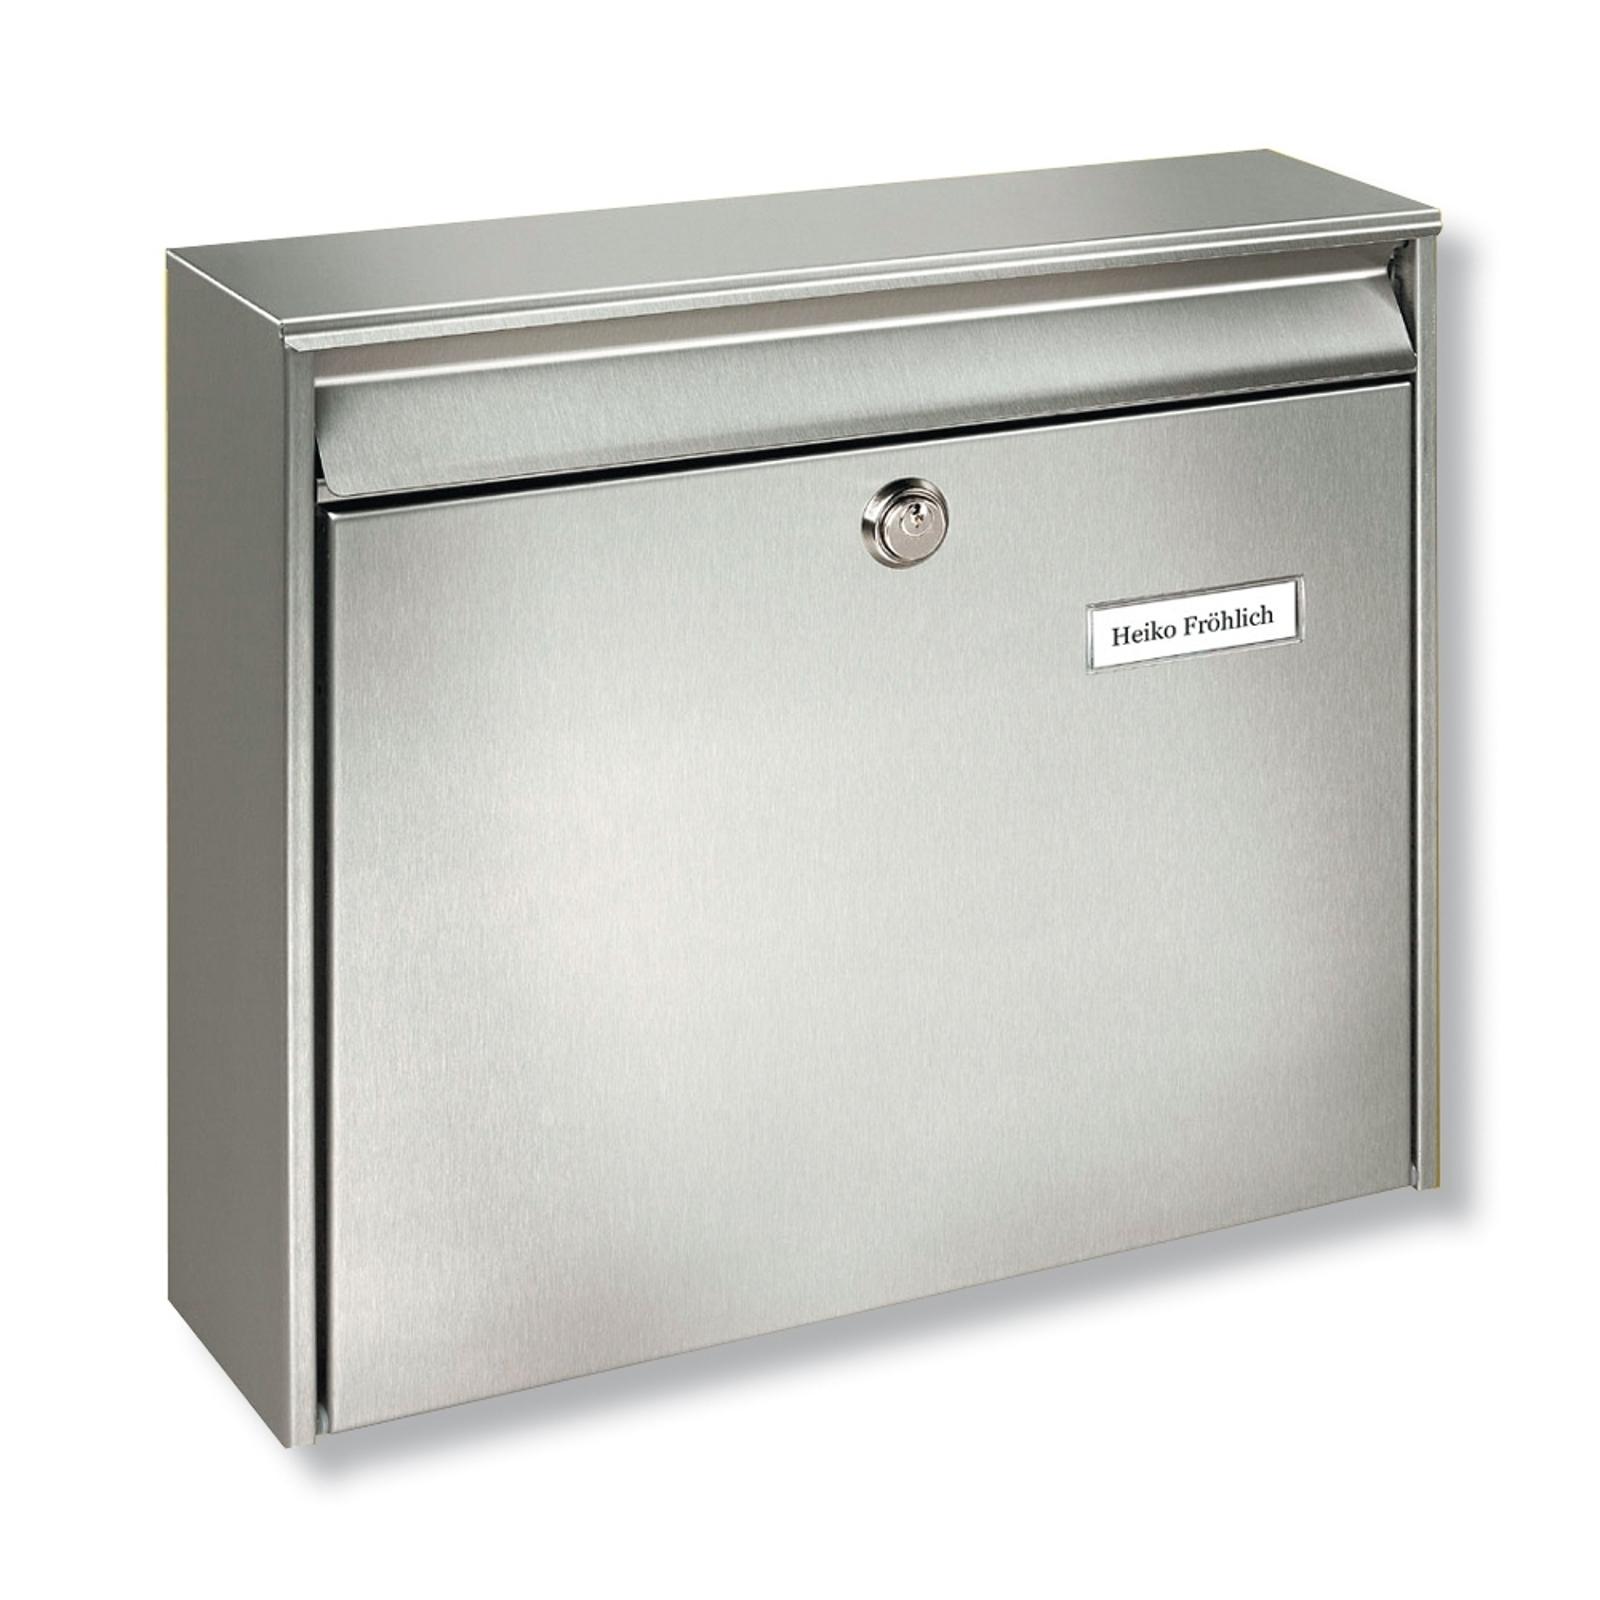 BORKUM postkasse, rustfrit stål til batterimont.